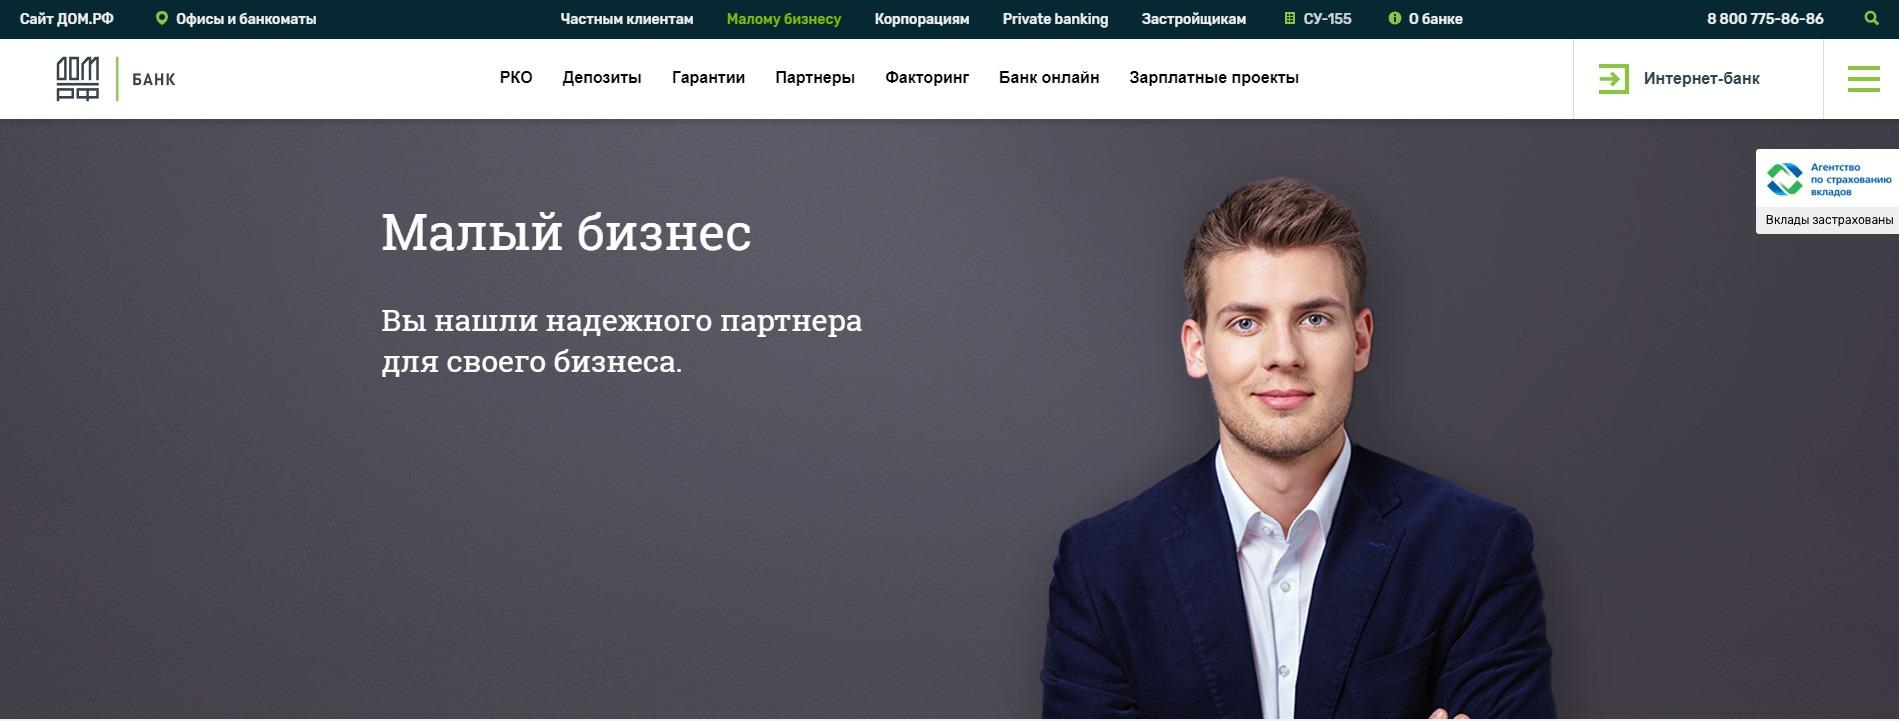 Малый бизнес банк Дом РФ